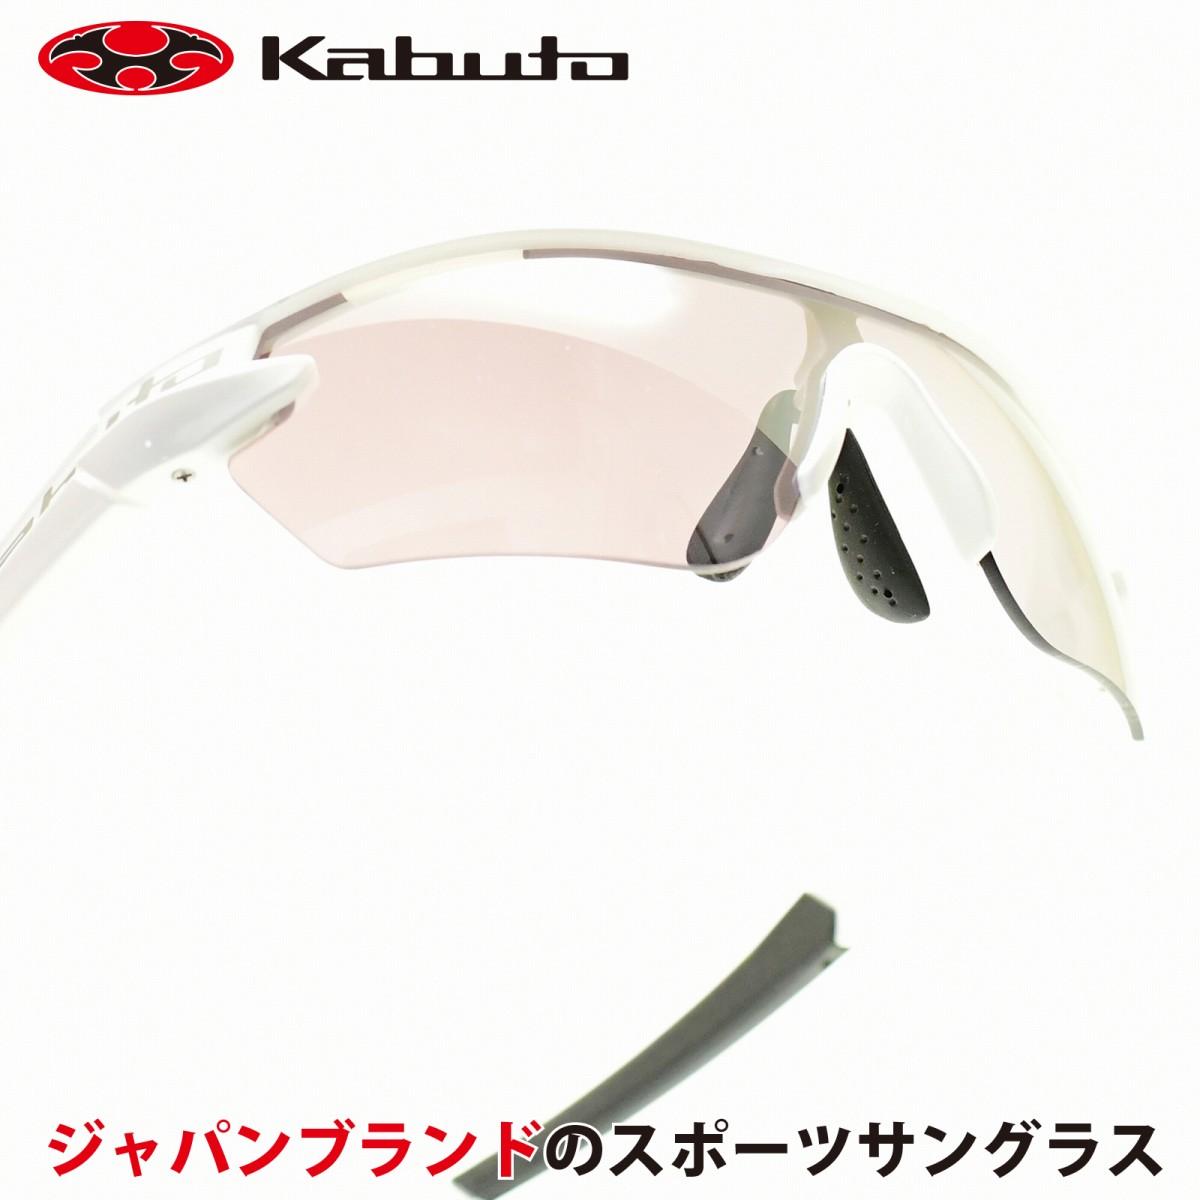 OGK KABUTO オージーケーカブト101 Sサイズホワイト/撥水スペクトルモールミラー&撥水ライトピンクメガネ 眼鏡 めがね メンズ レディース おしゃれ ブランド人気 おすすめ フレーム 流行り 度付き レンズ サングラス スポーツ